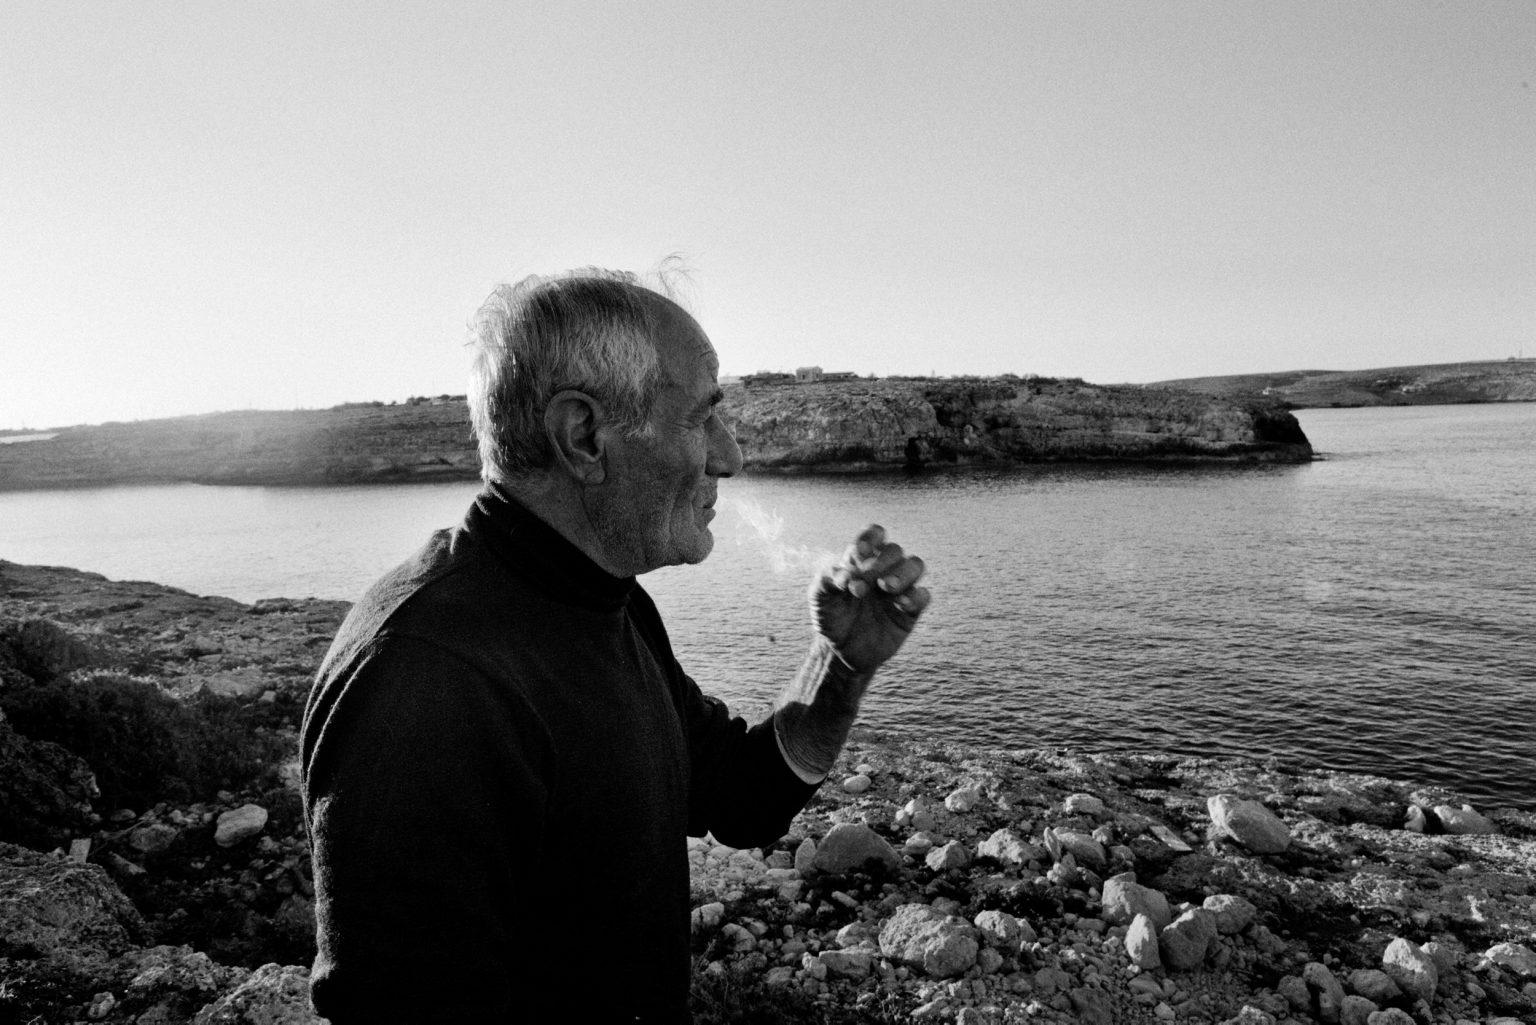 Lampedusa, April 2011-The story of Ahmed, one of the many young Tunisians landed on Lampedusa. Ahmed, a 23-year-old Tunisian who was being looked after by the Matinas, a Lampedusans family. The family gave him a bed, clothes,food, and they lived togheter for a year. Lampedusan s' Family.   Lampedusa, aprile 2011-La storia di Ahmed, uno dei tanti giovani tunisini sbarcati a Lampedusa. Ahmed, un tunisino di 23 anniè stato accudito dai Matinas, una famiglia lampedusana. La famiglia gli ha dato un letto, dei vestiti e  cibo. Hanno vissuto insieme per un anno. Famiglia di Lampedusani.